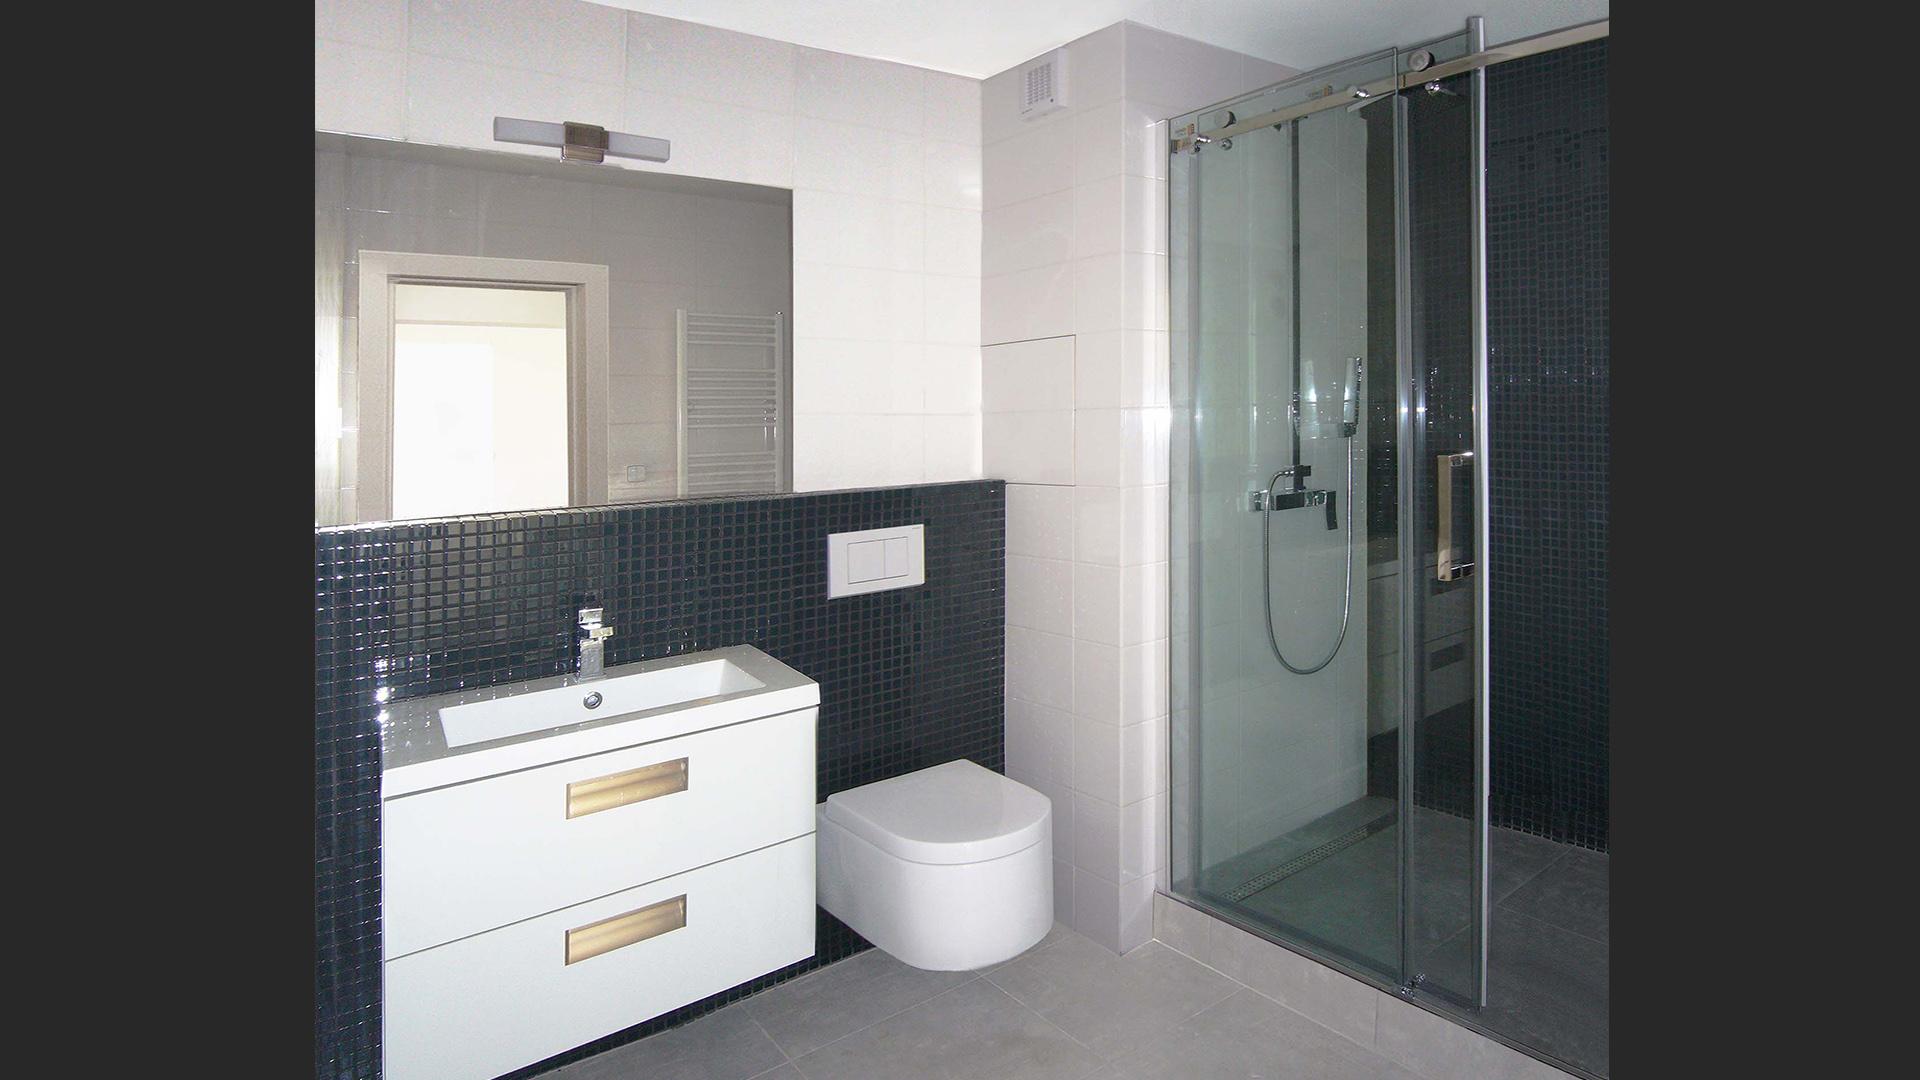 Celková rekonstrukce bytu s částečnou změnou dispozice v Praze na Žižkově na velikost 3 + kk. Pohled na koupelnu, která je obložená bílým lesklým obkladem v kombinaci s černou skleněnou